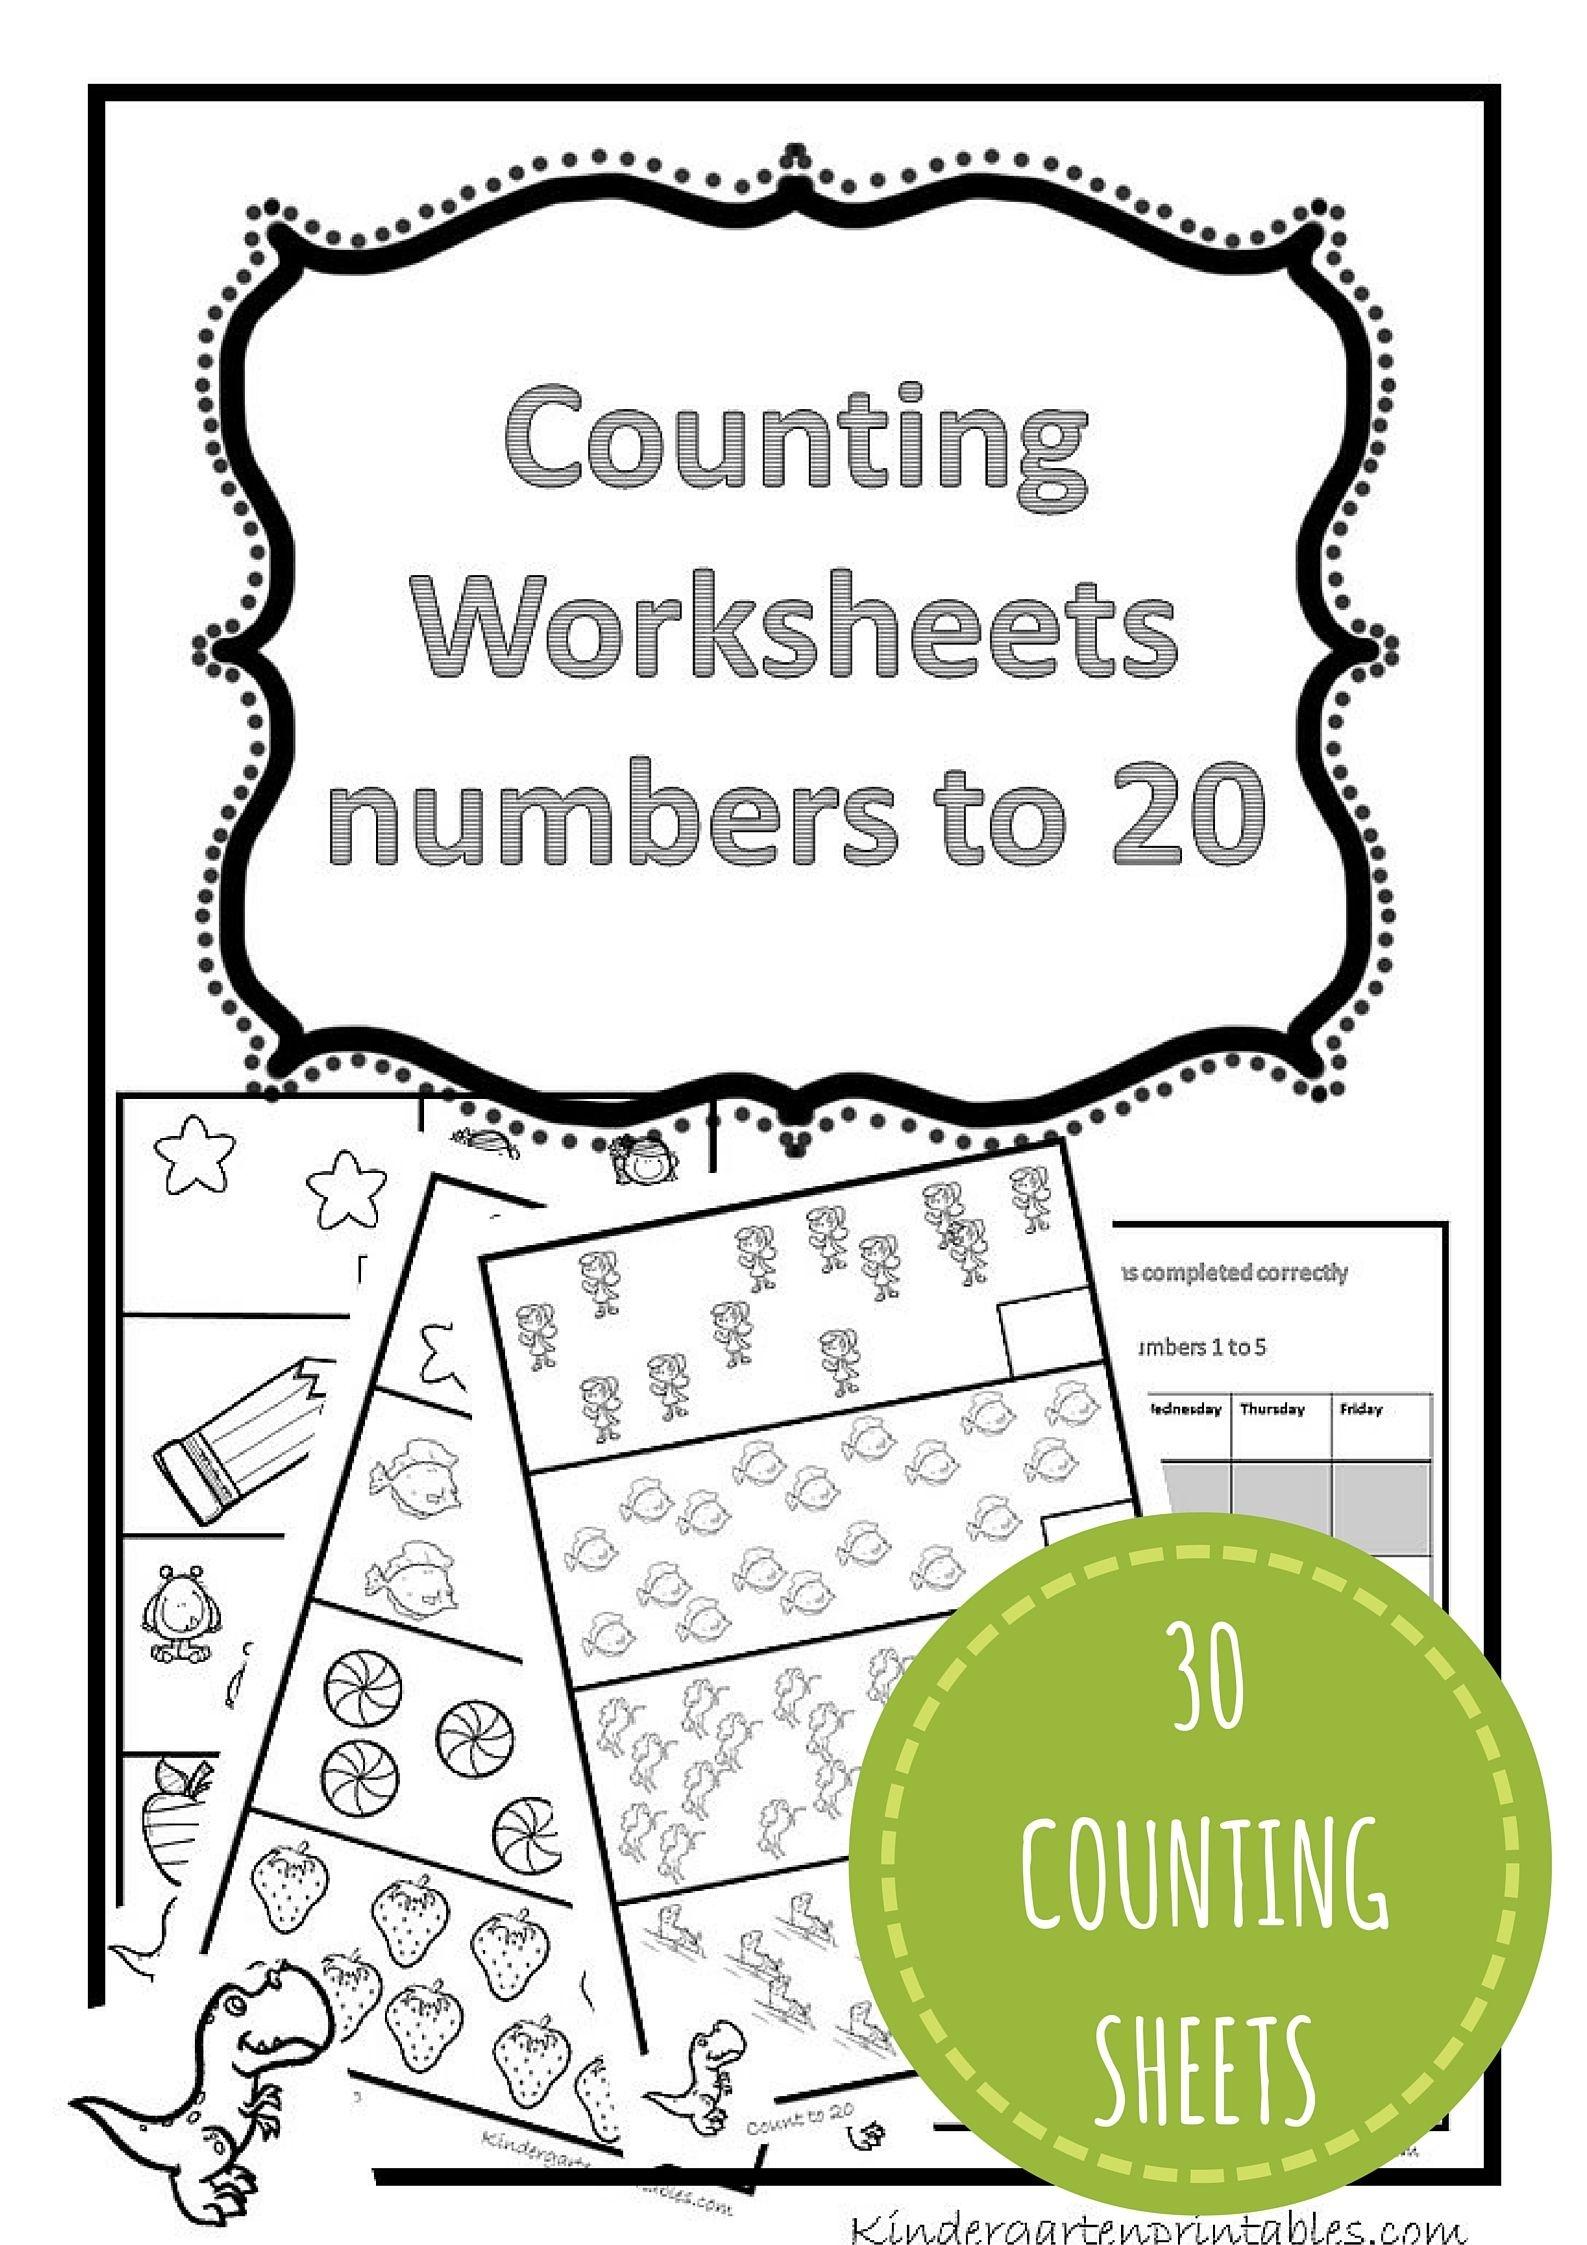 Counting Worksheets 1-20 Free Printable Workbook Counting Worksheets - Free Printable Math Workbooks